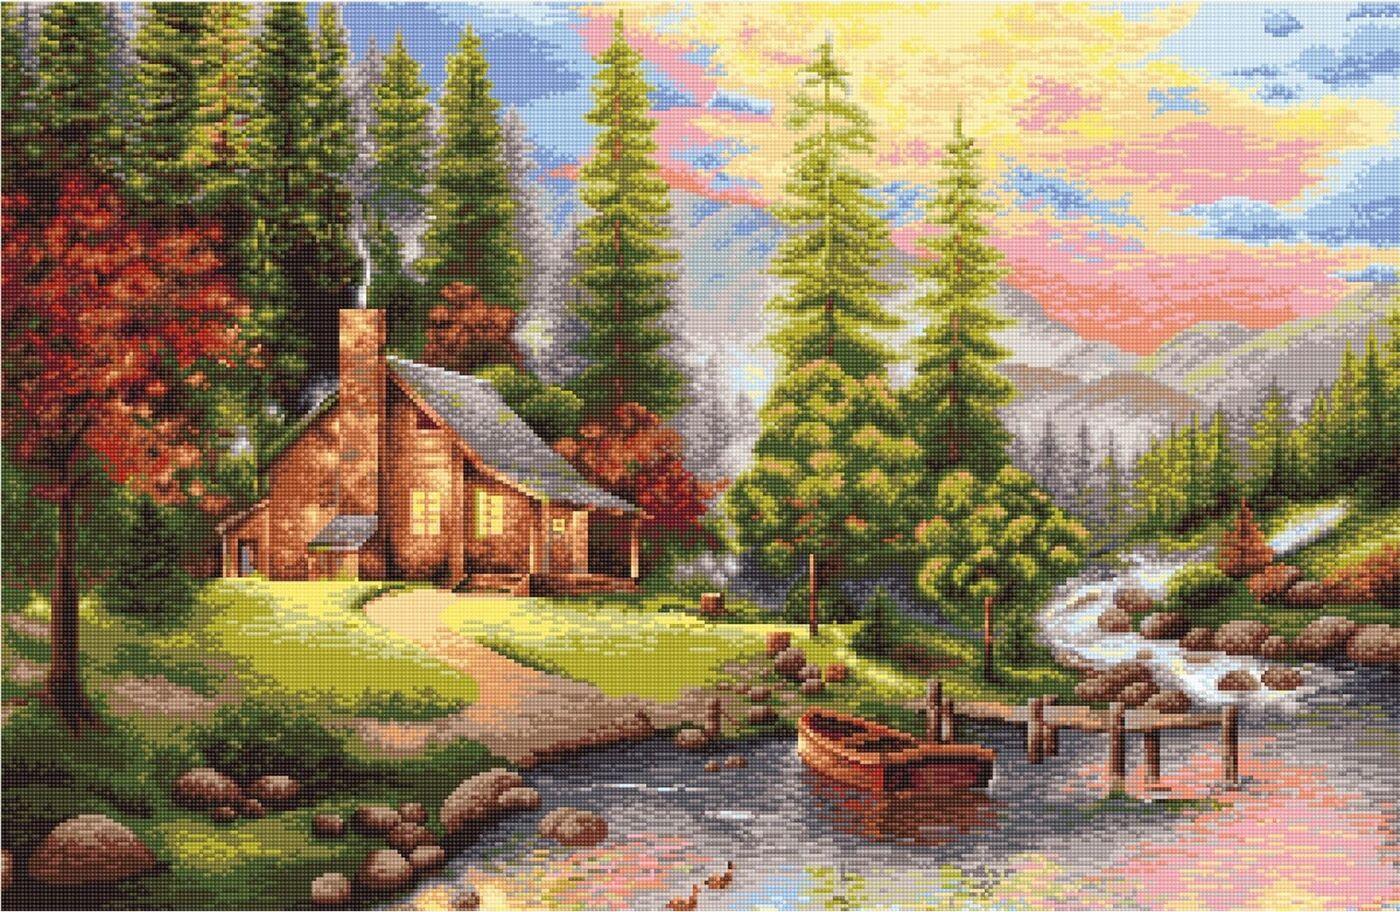 фото схемы гобеленов пейзаж